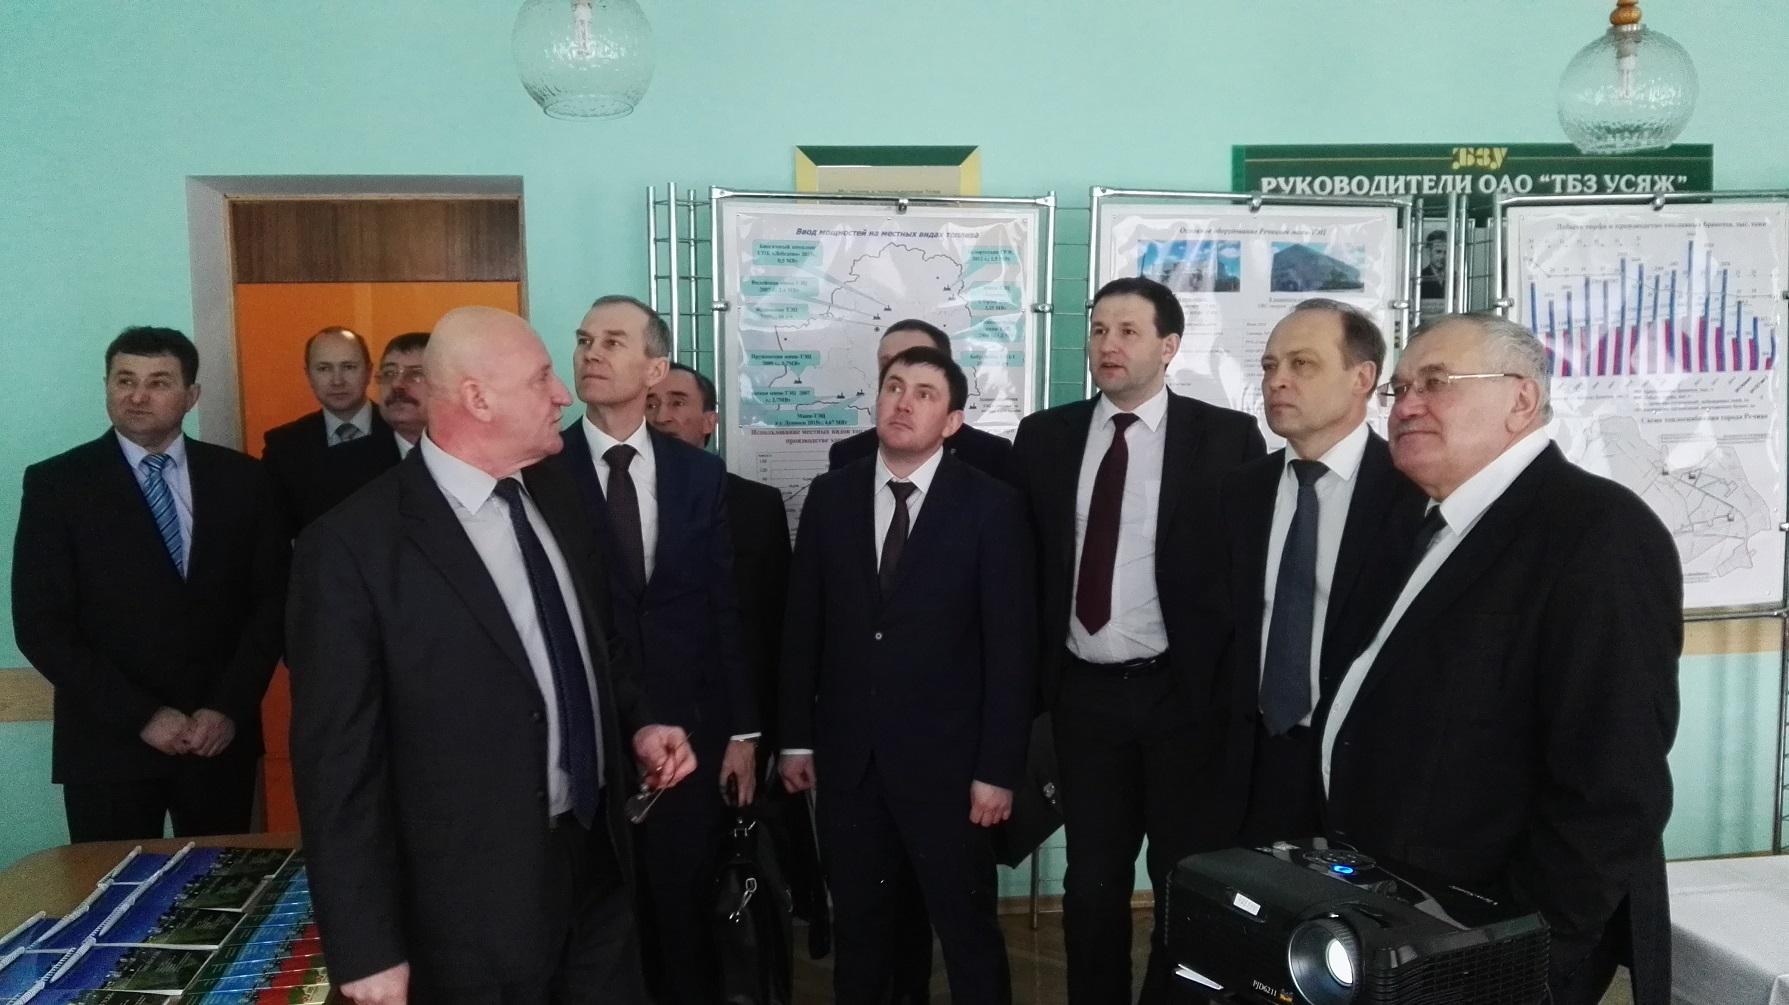 Официальная делегация Свердловской области Российской Федерации посетила ОАО «ТБЗ Усяж»